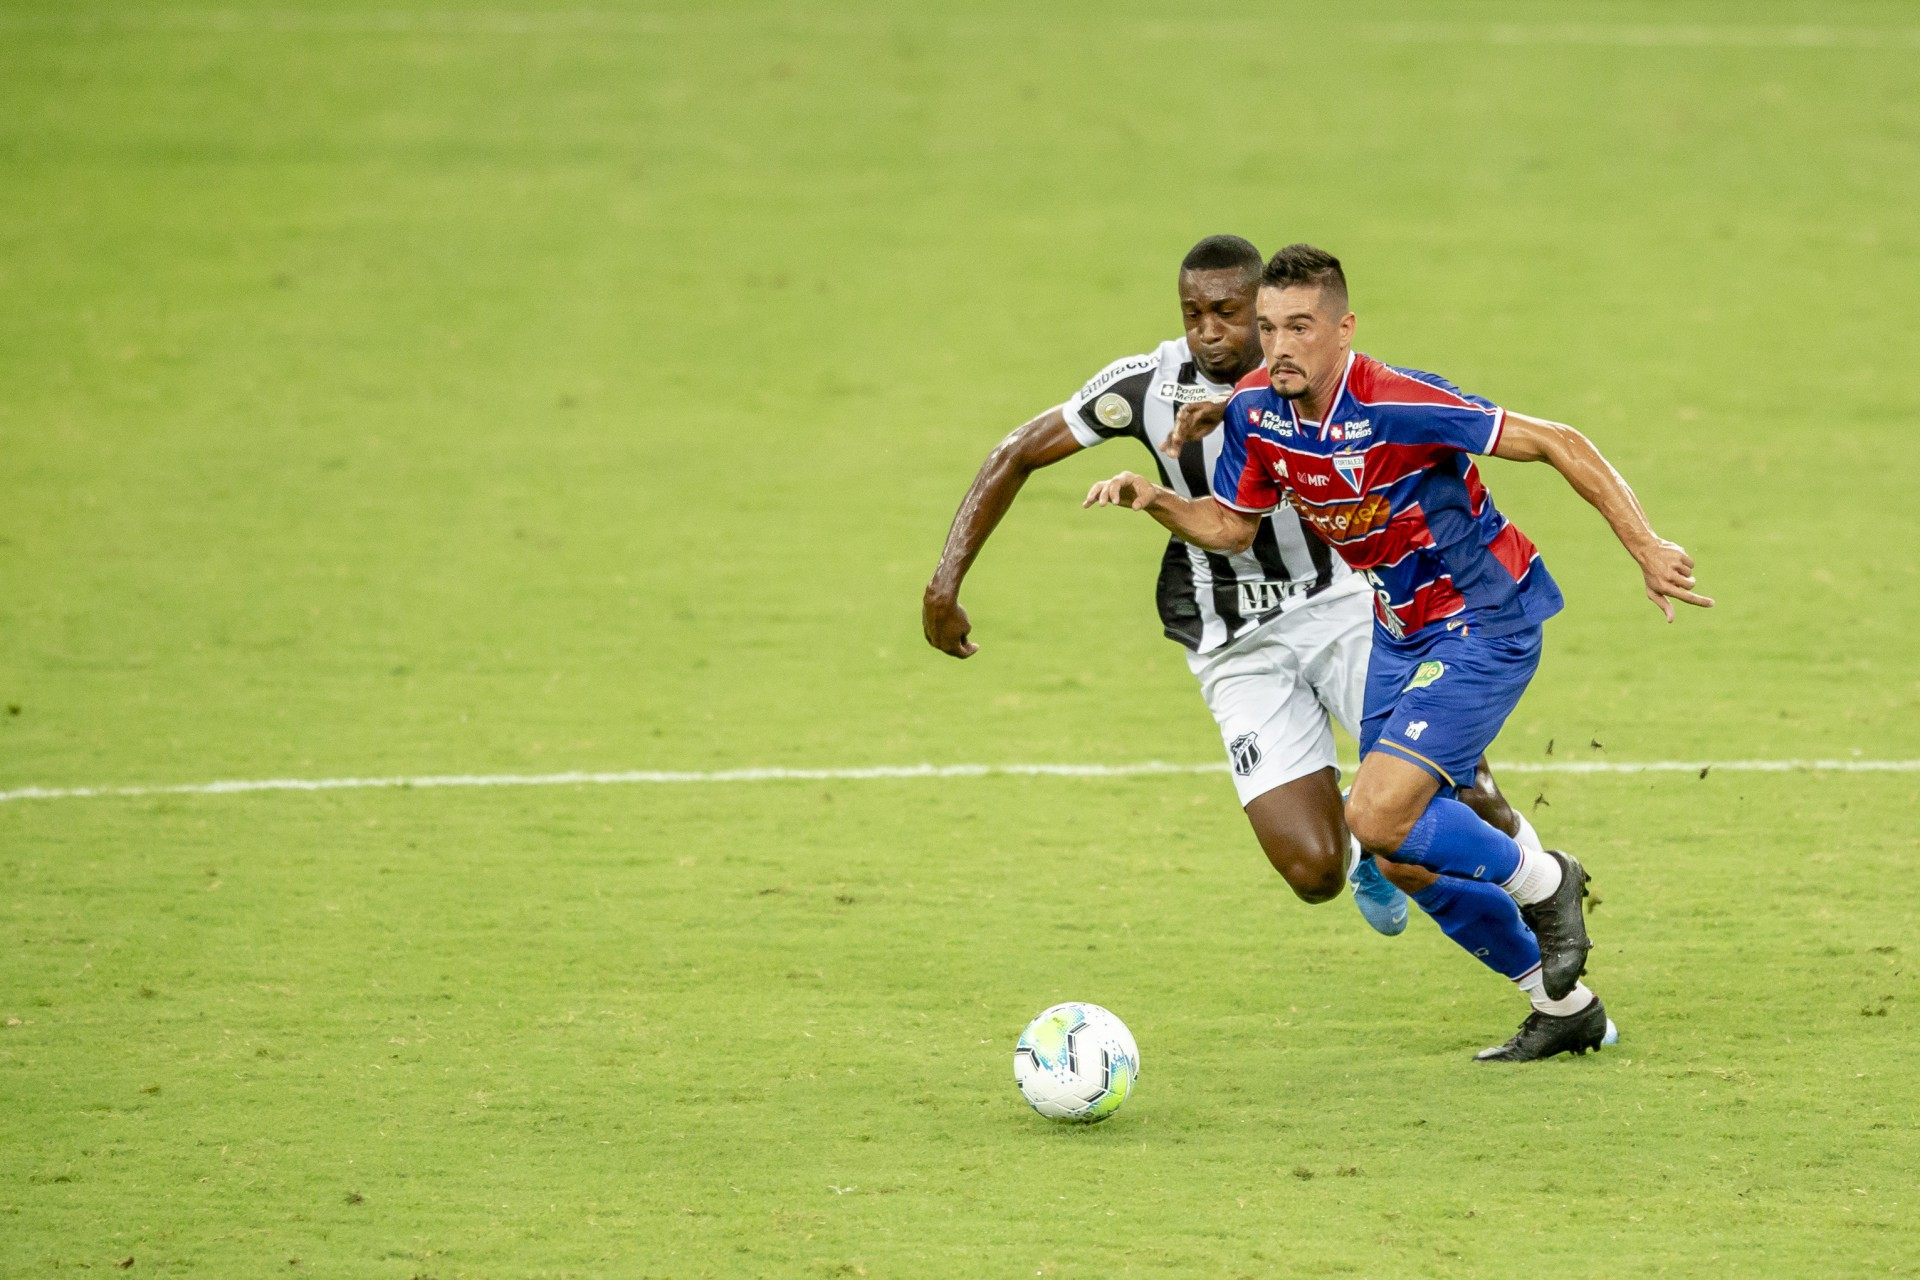 Juninho e William Oliveira disputam posse de bola no Clássico-Rei da Série A do Campeonato Brasileiro